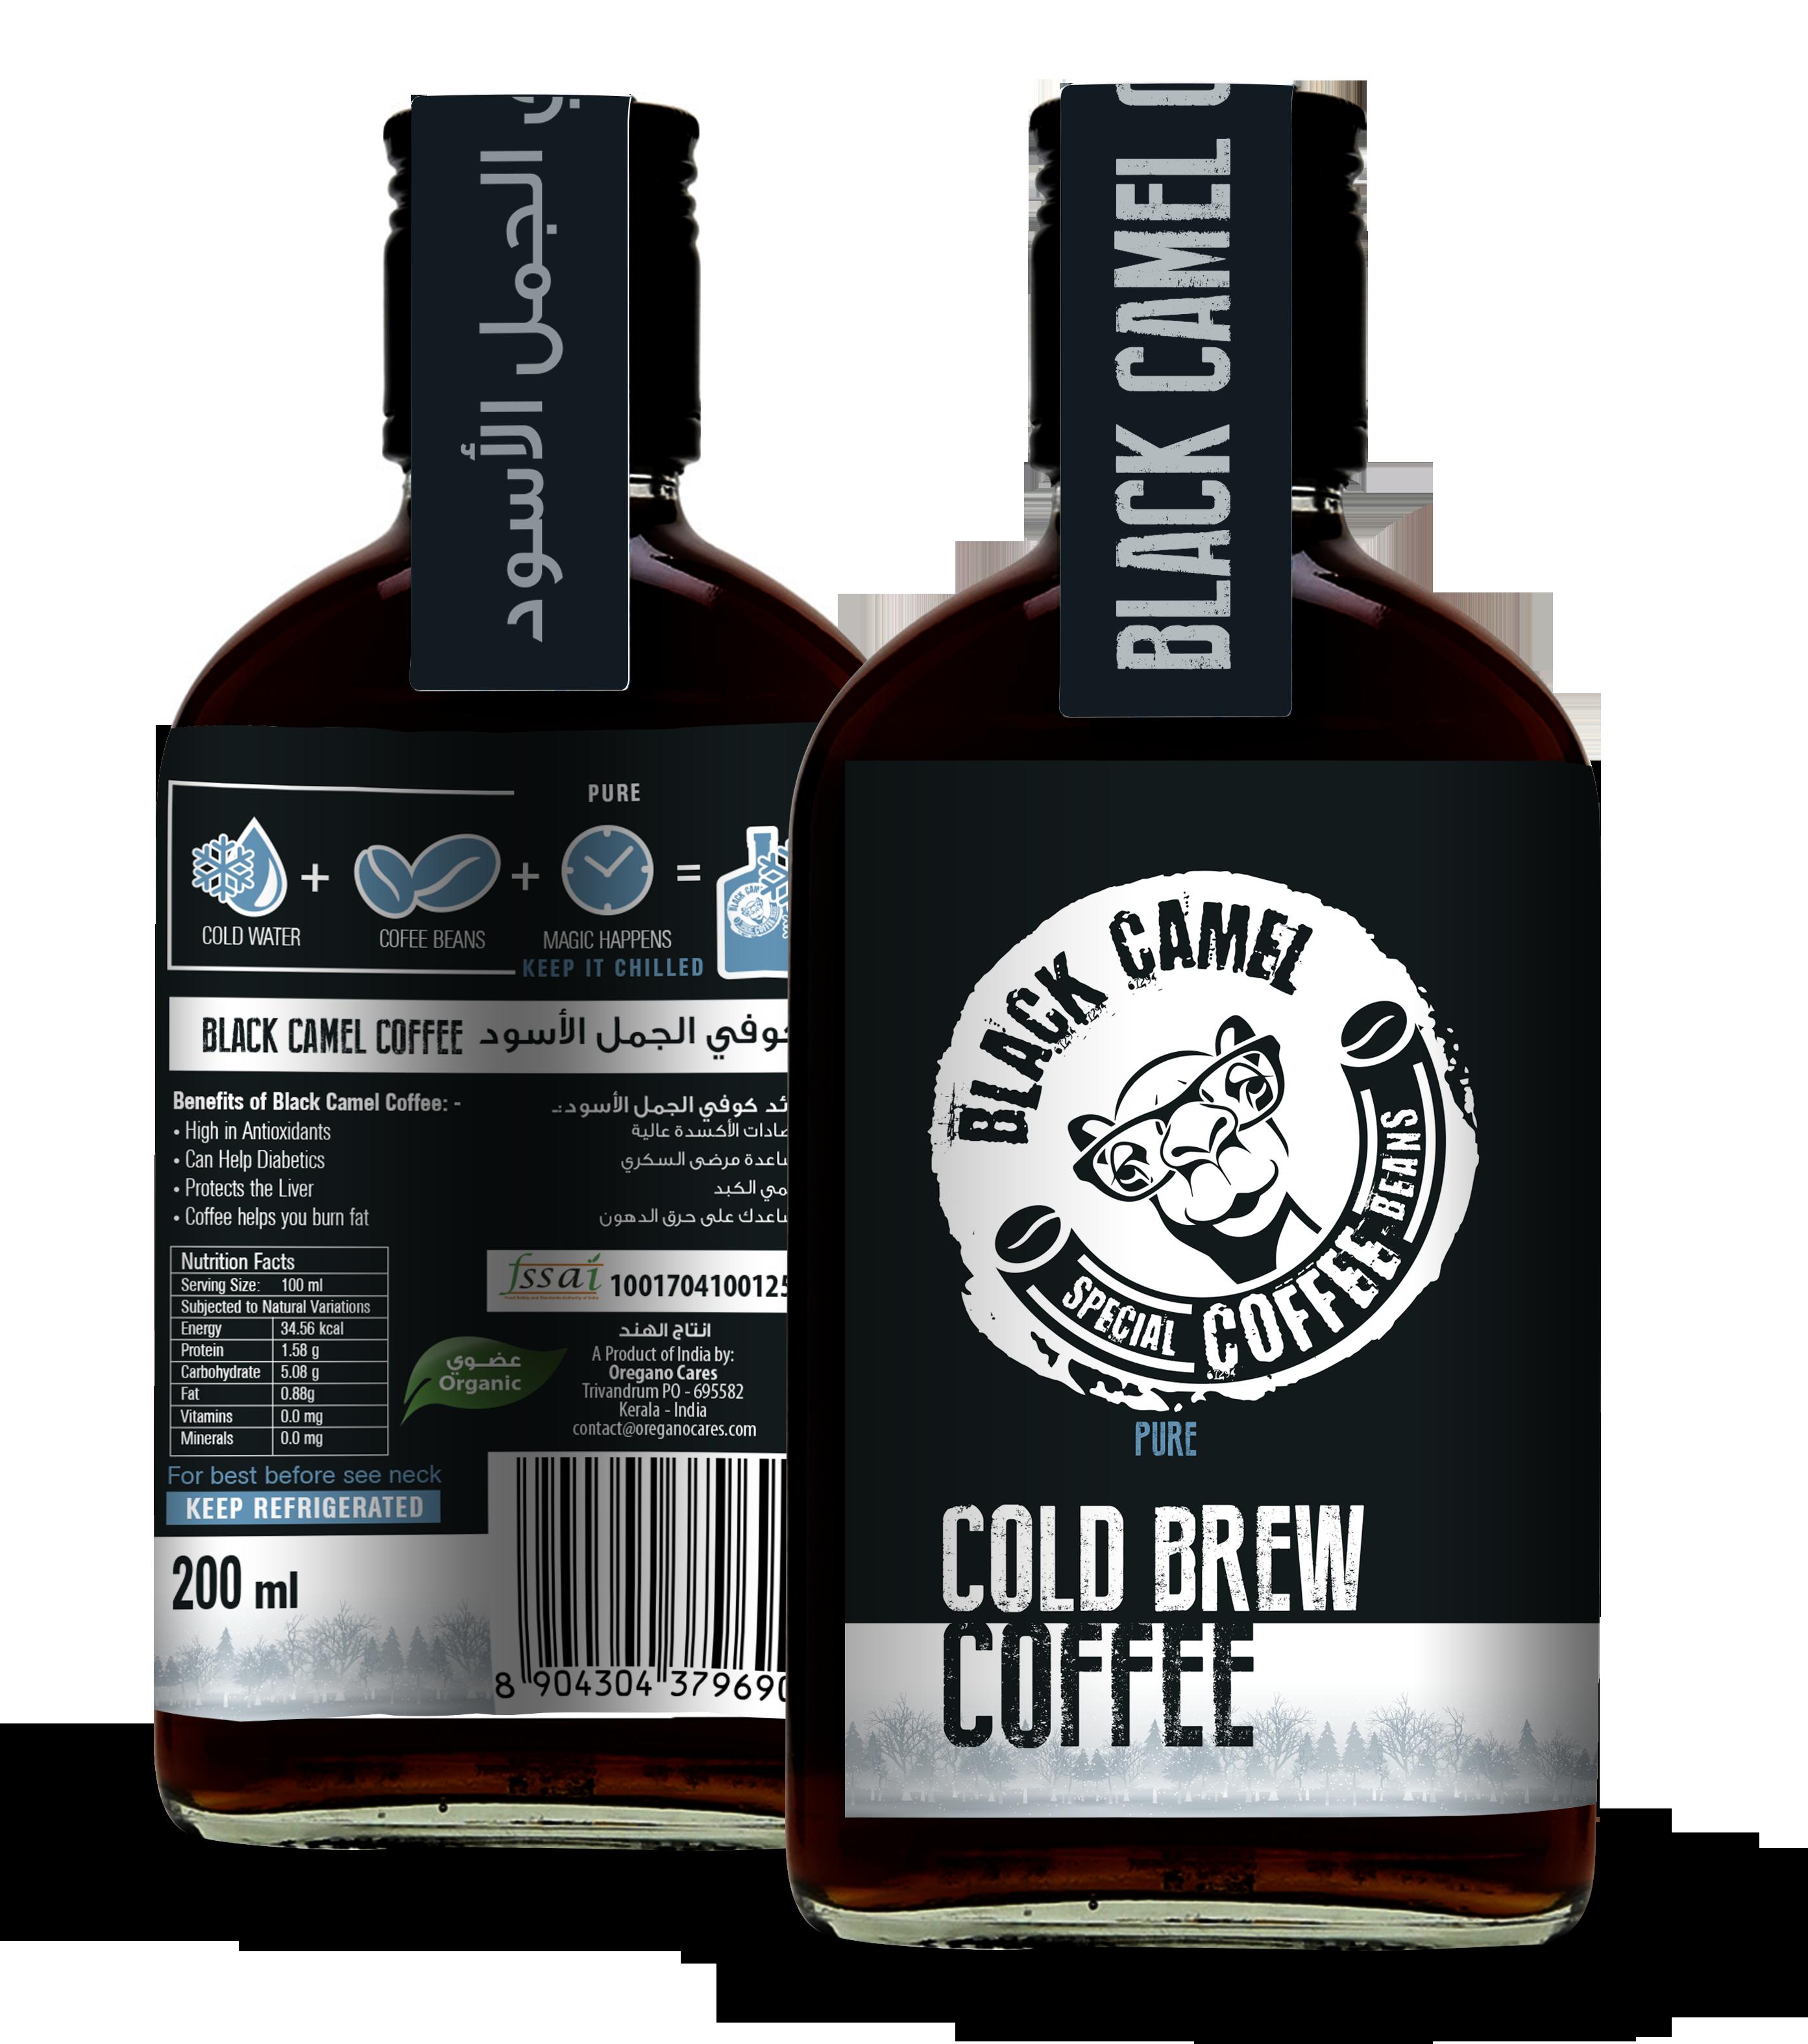 black-camel-coffee-bottle